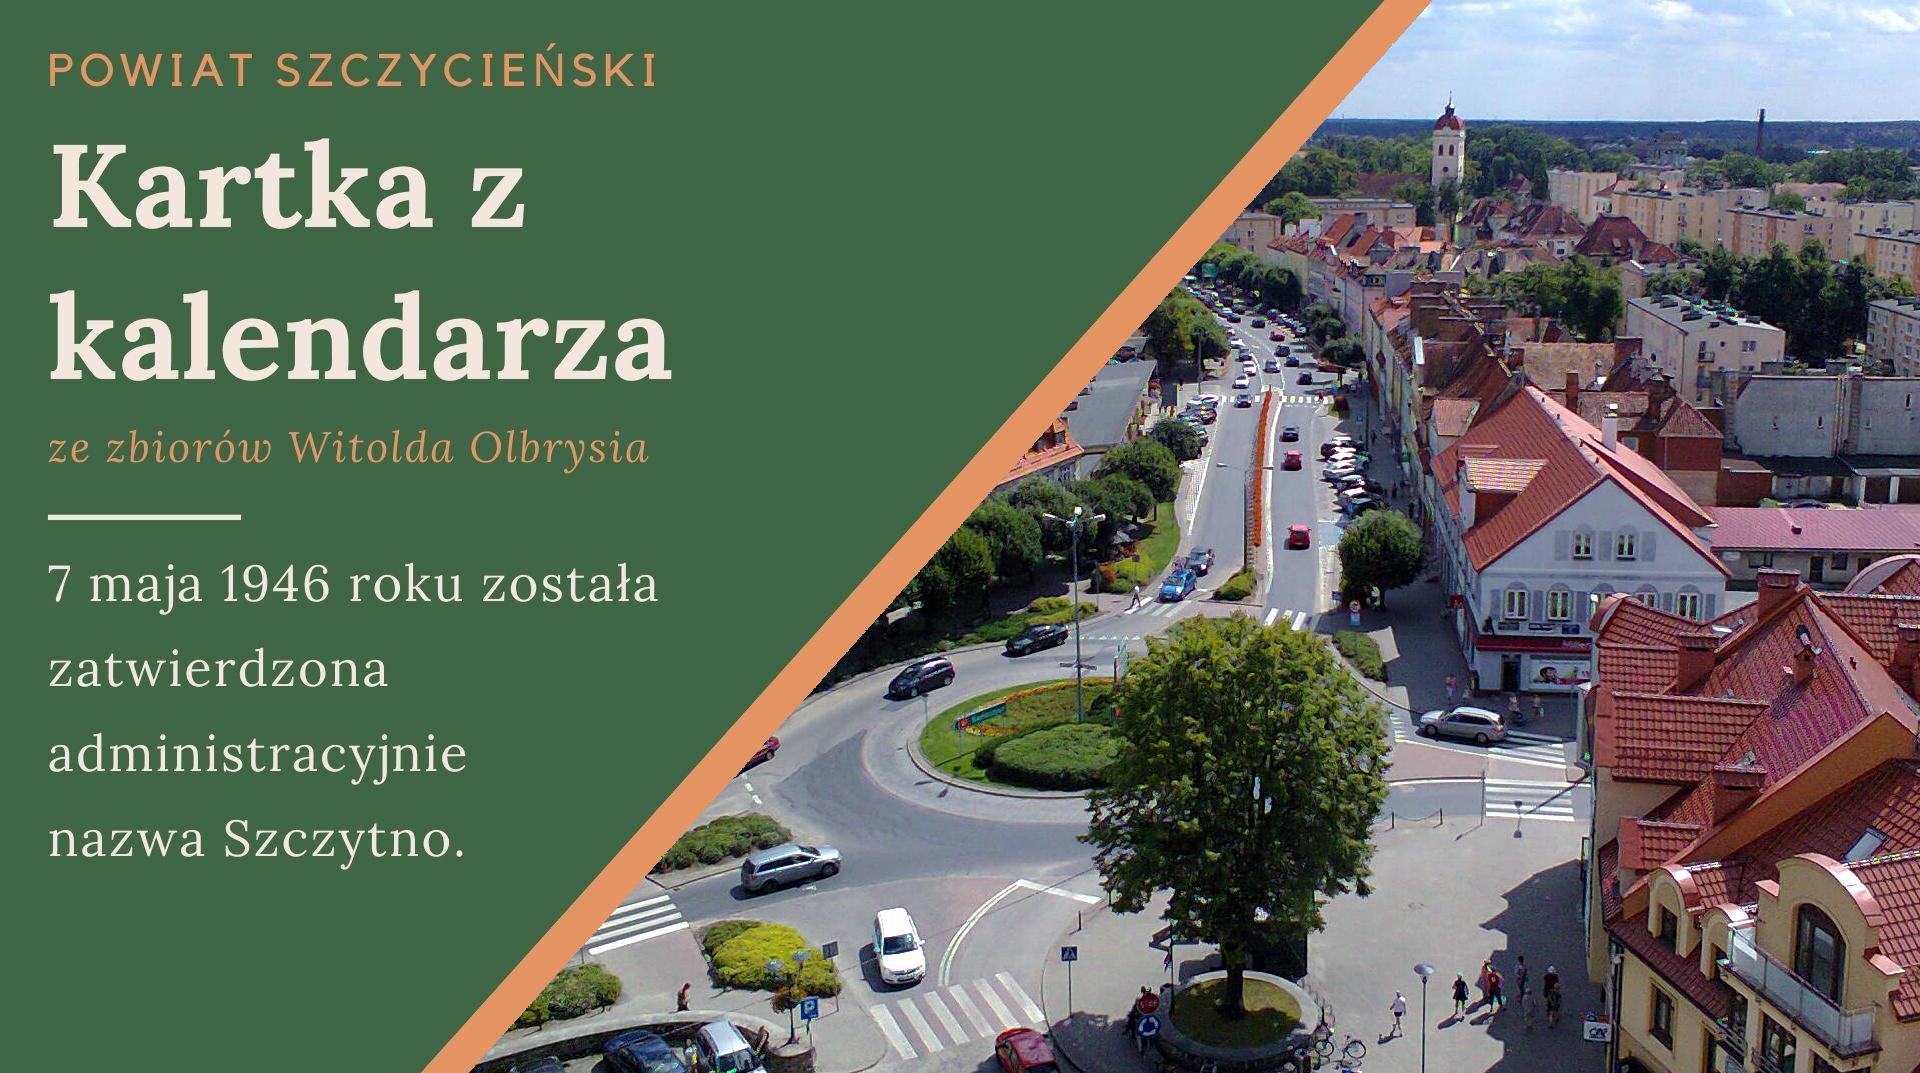 https://m.powiatszczycienski.pl/2020/11/orig/kalendarz-historyczny-12-35887.jpg